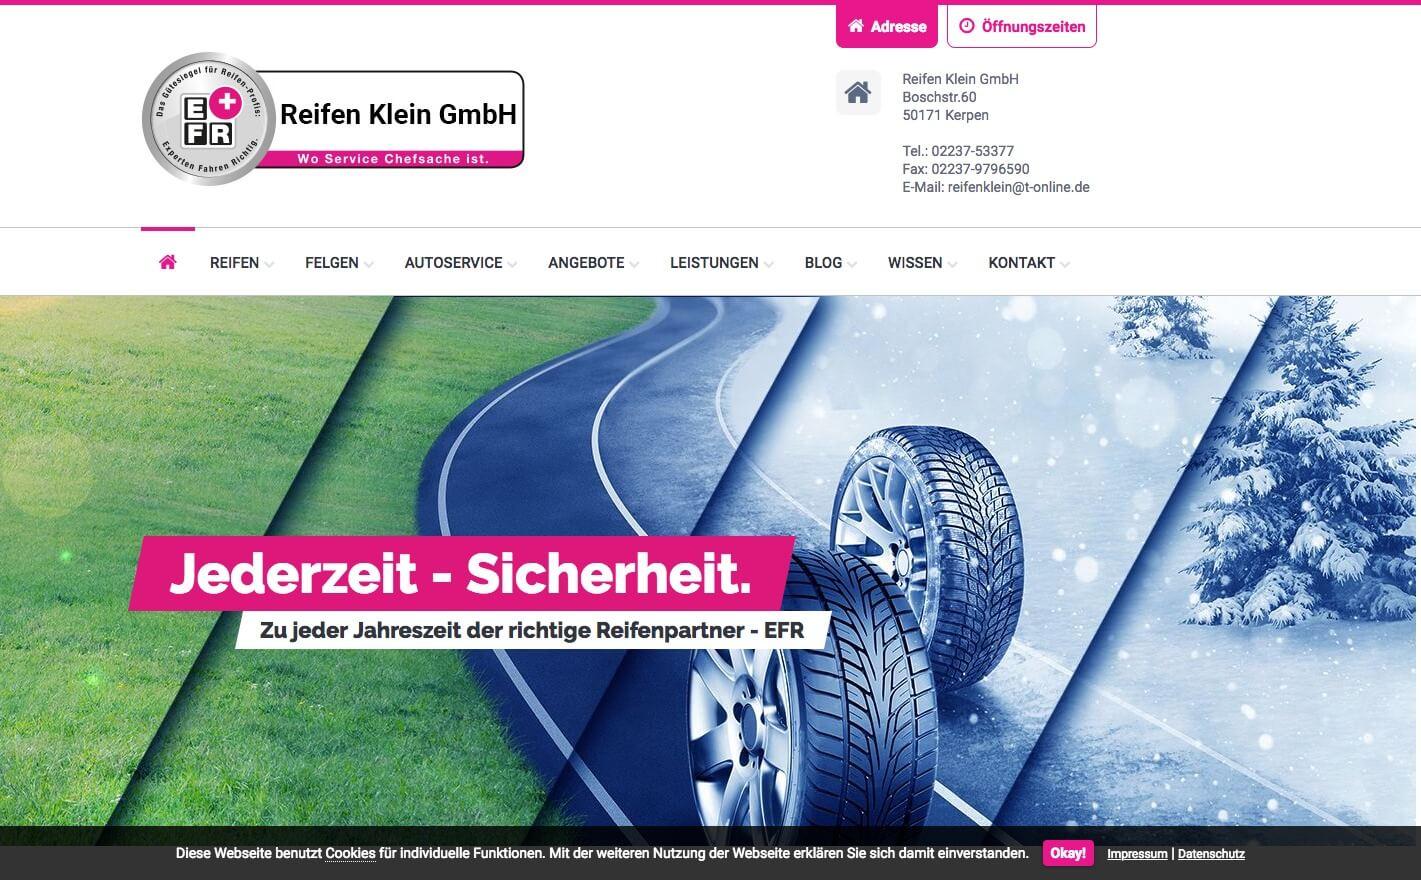 Image of Reifen Klein GmbH in Kerpen